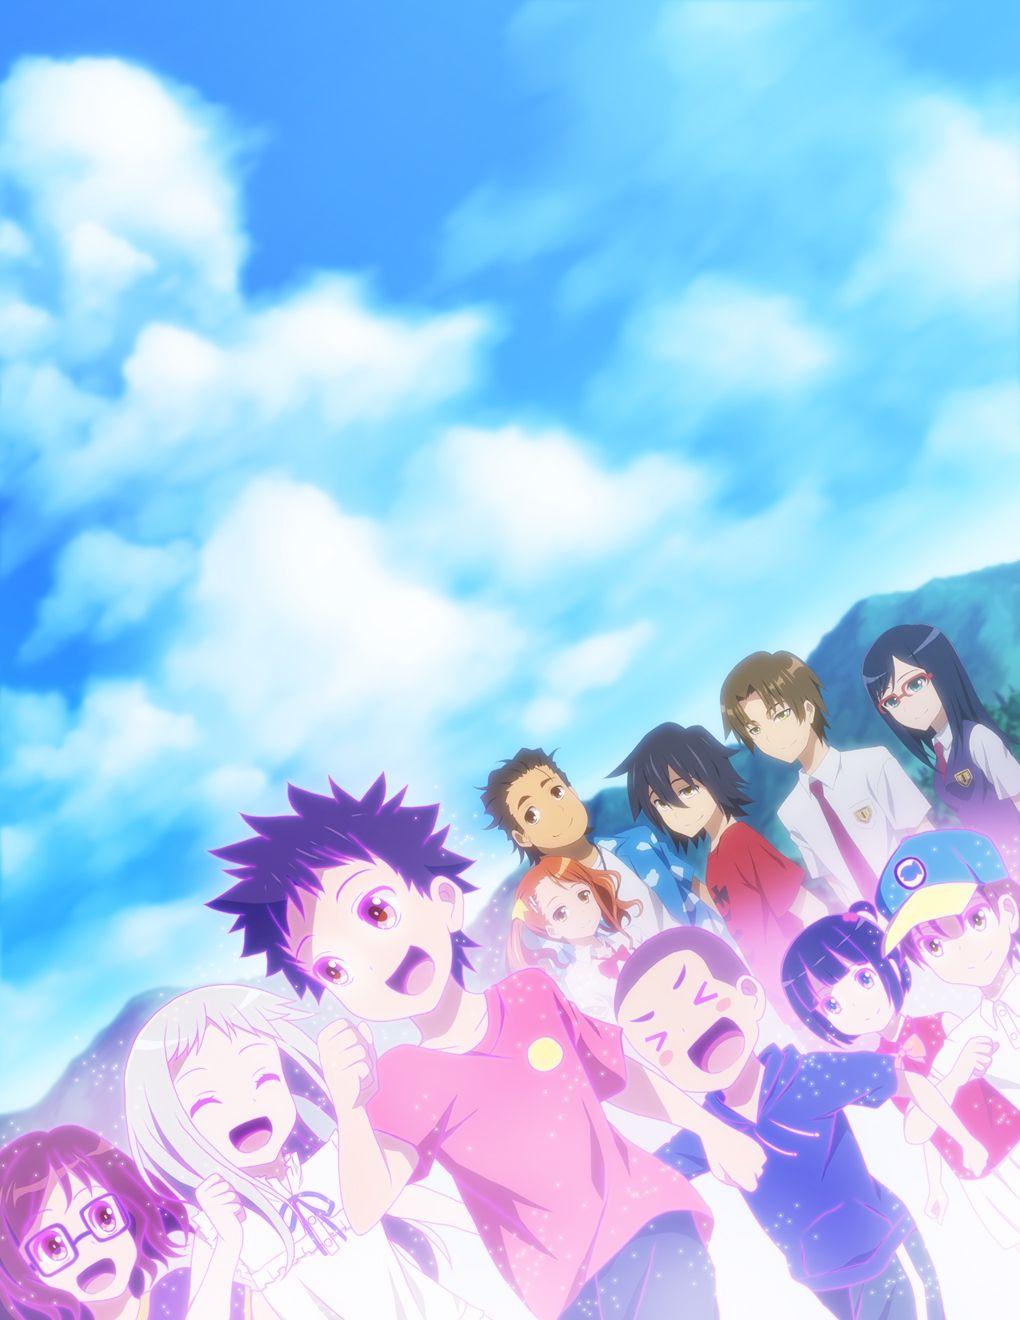 Pin On Anime Board